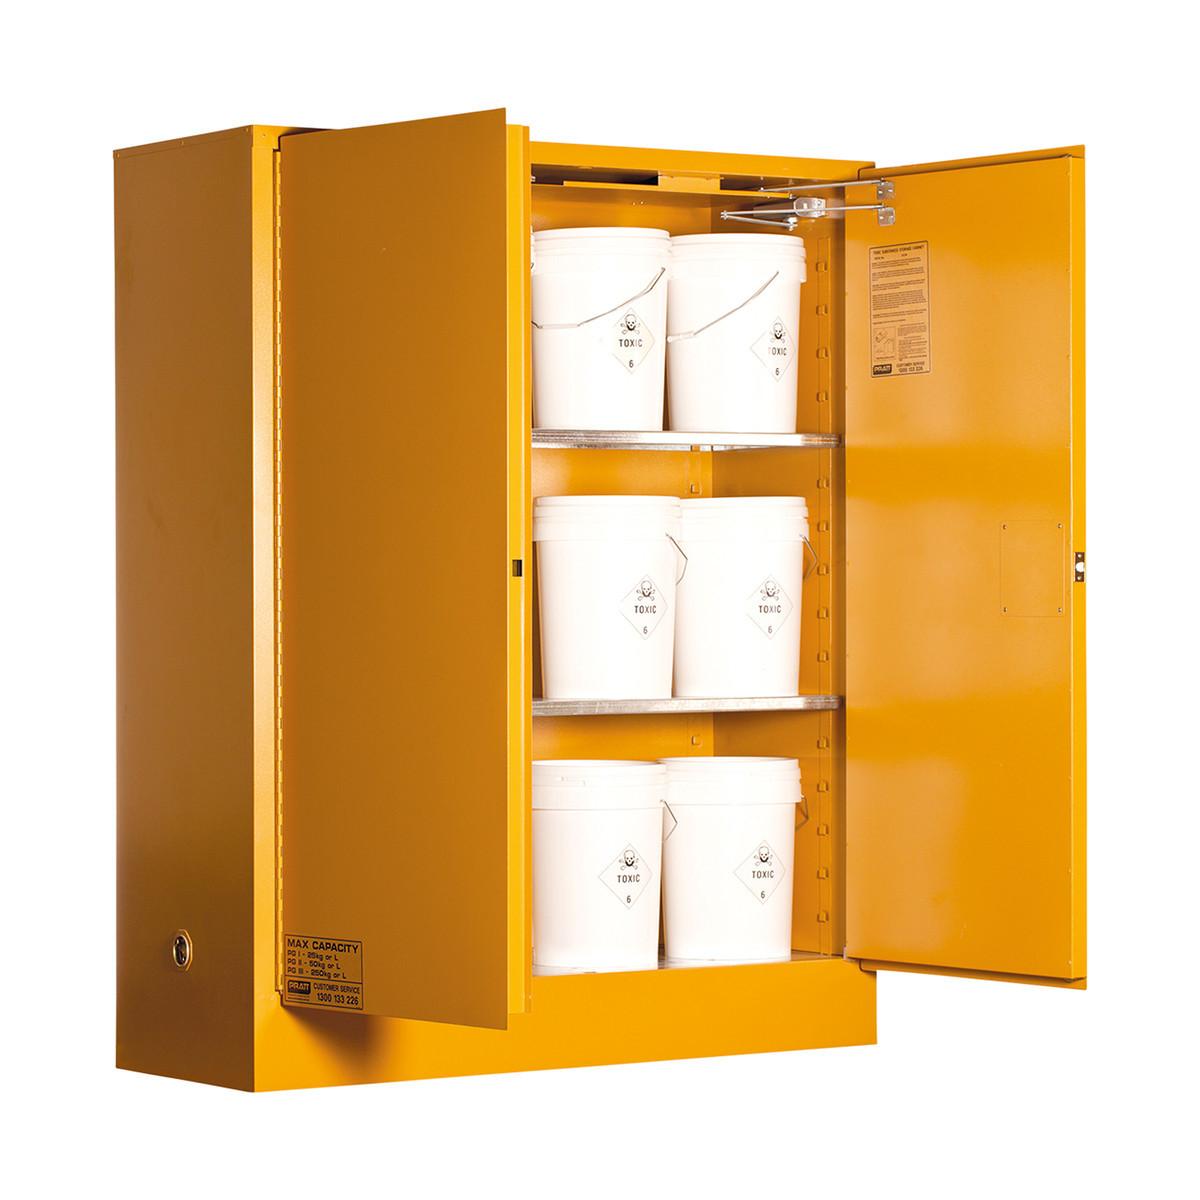 Toxic Storage Cabinet 250 Liters XL - 2 Door, 3 Shelf